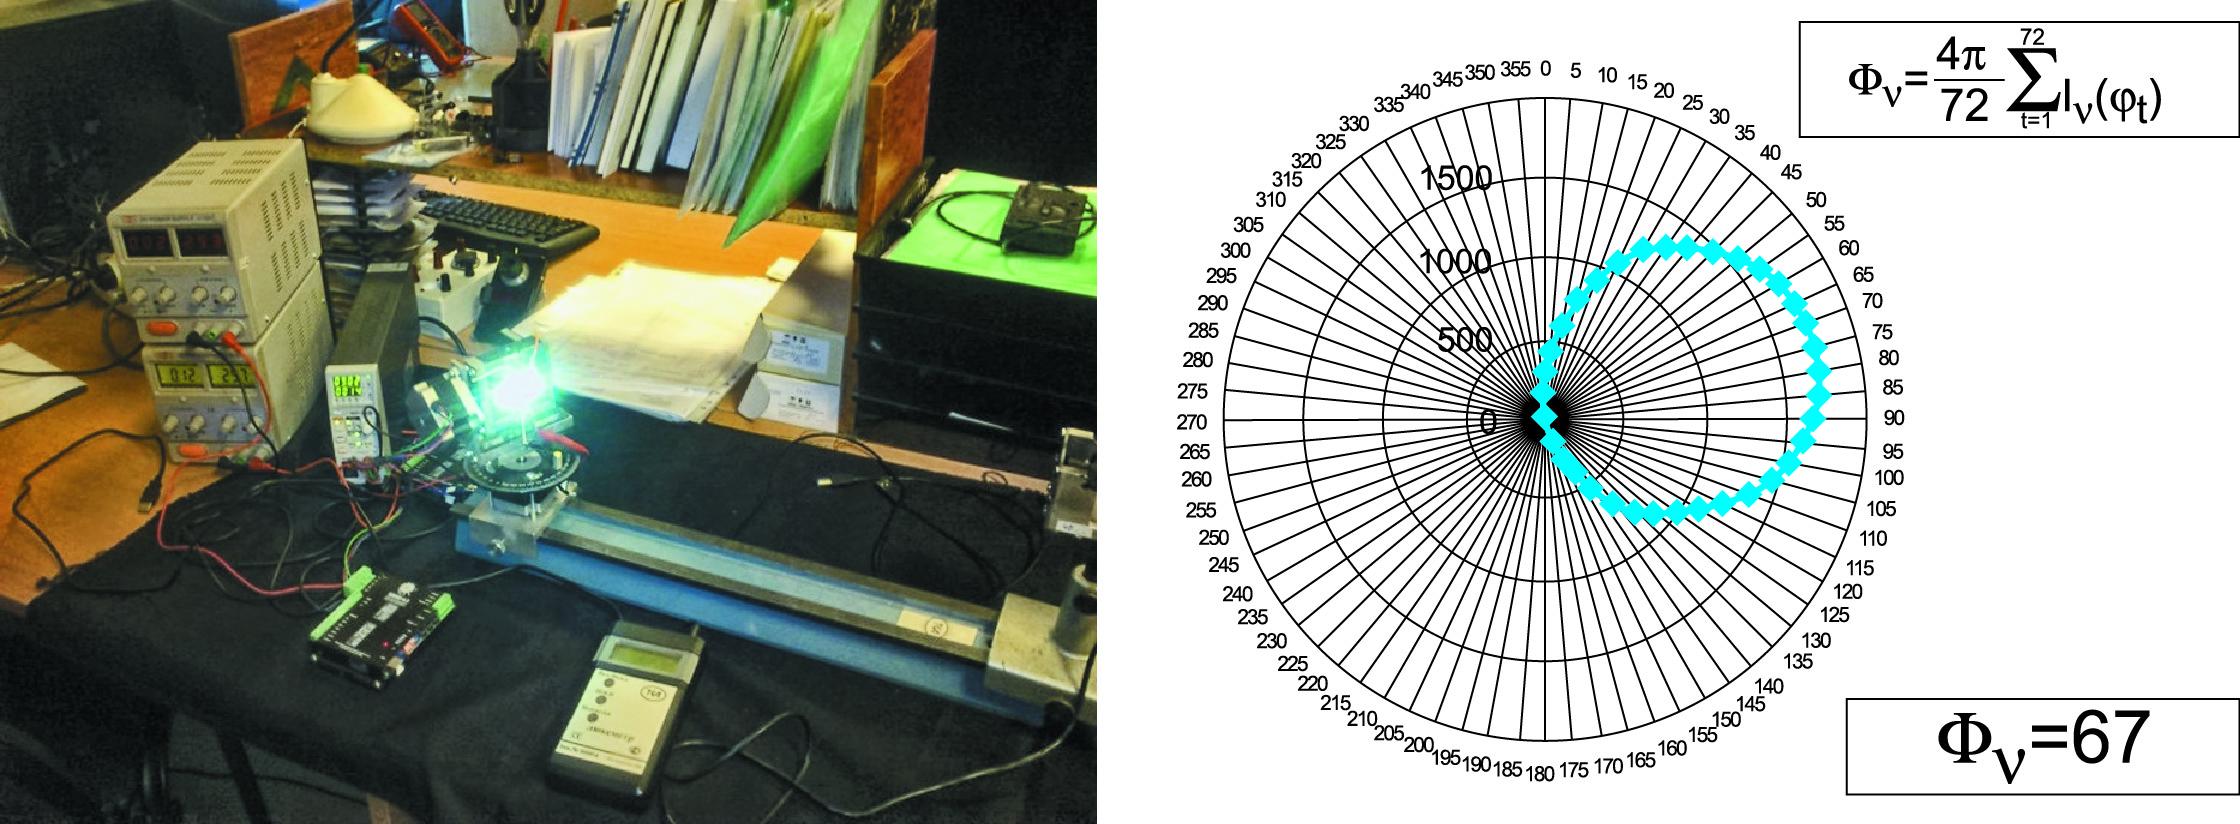 Макет гониометрического комплекса на основе шаговых двигателей с результирующими данными